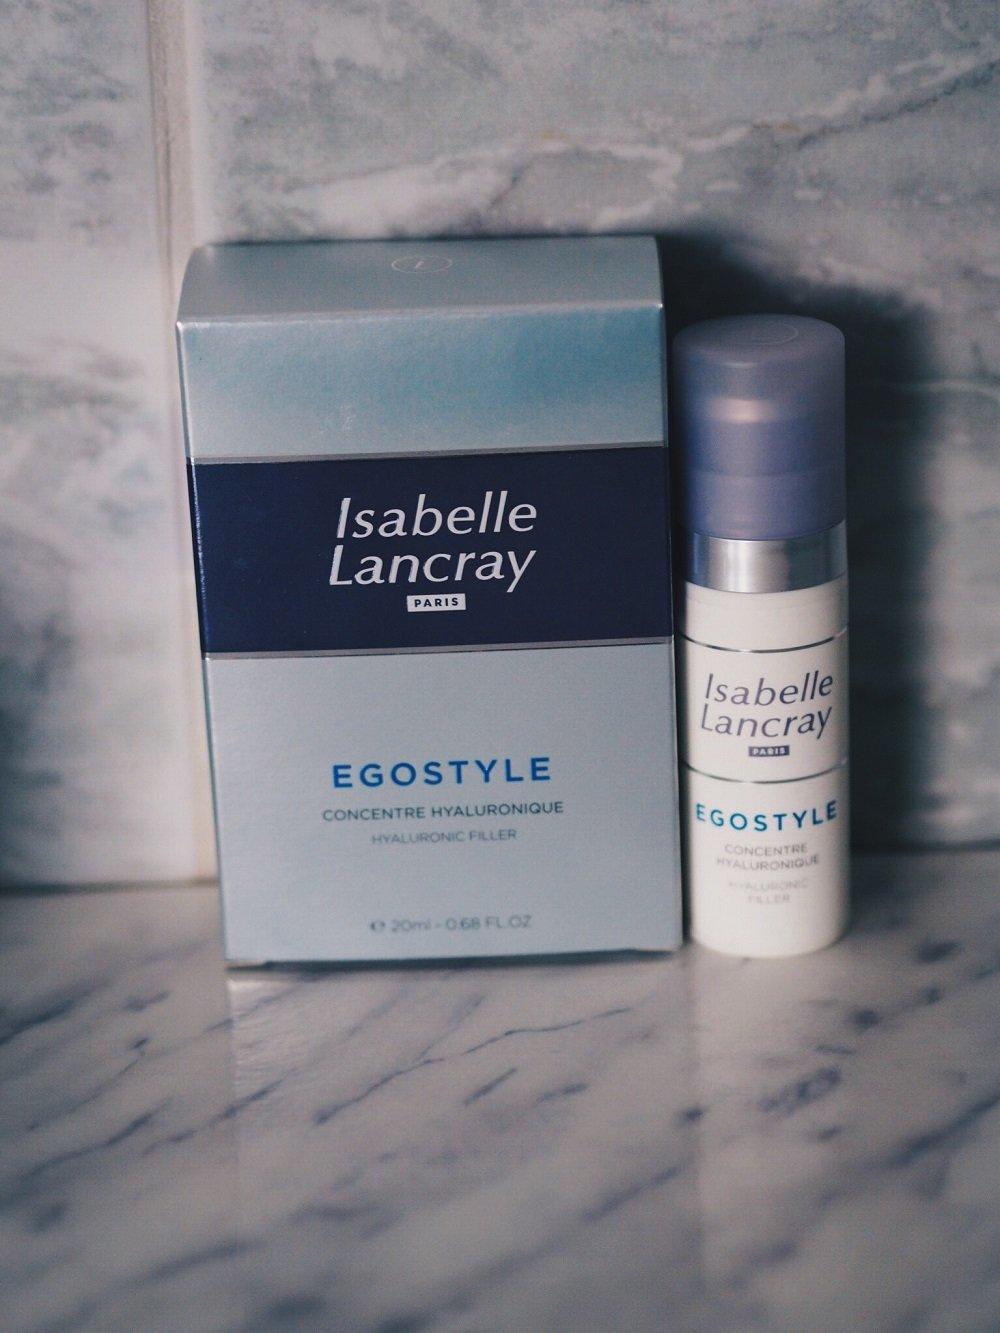 Heute stelle ich die luxuriöse Hautpflegelinie Egostyle von Isabelle Lancray näher auf meinem Blog vor